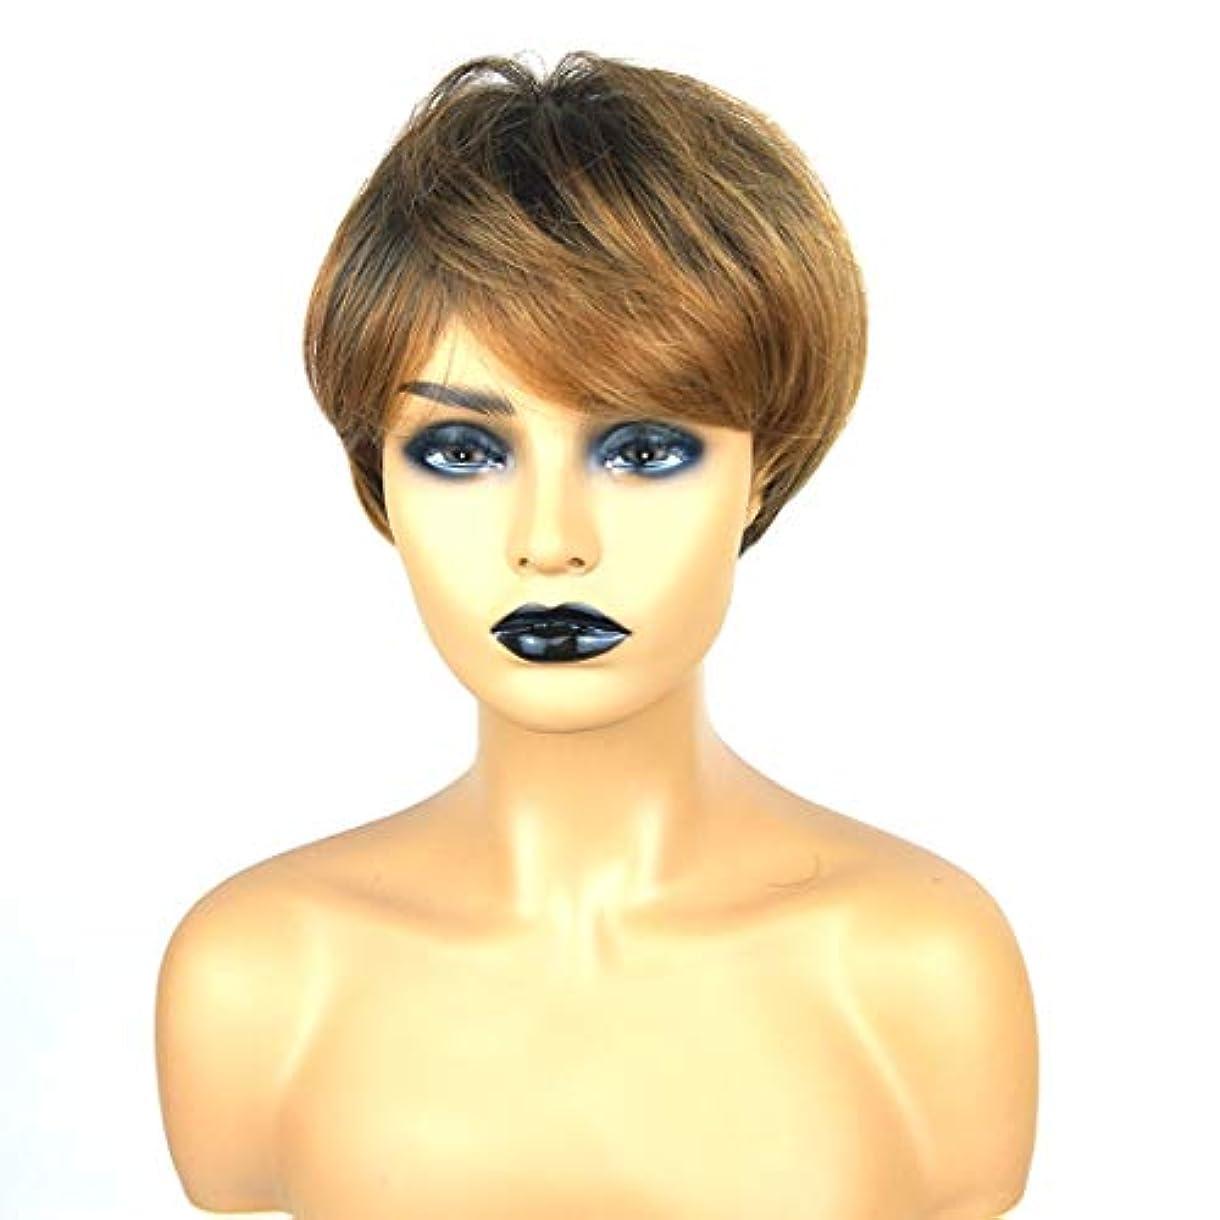 持っている出くわす連帯Kerwinner ショートボブの髪の毛のかつら本物の髪として自然な女性のための合成かつらとストレートウィッグ